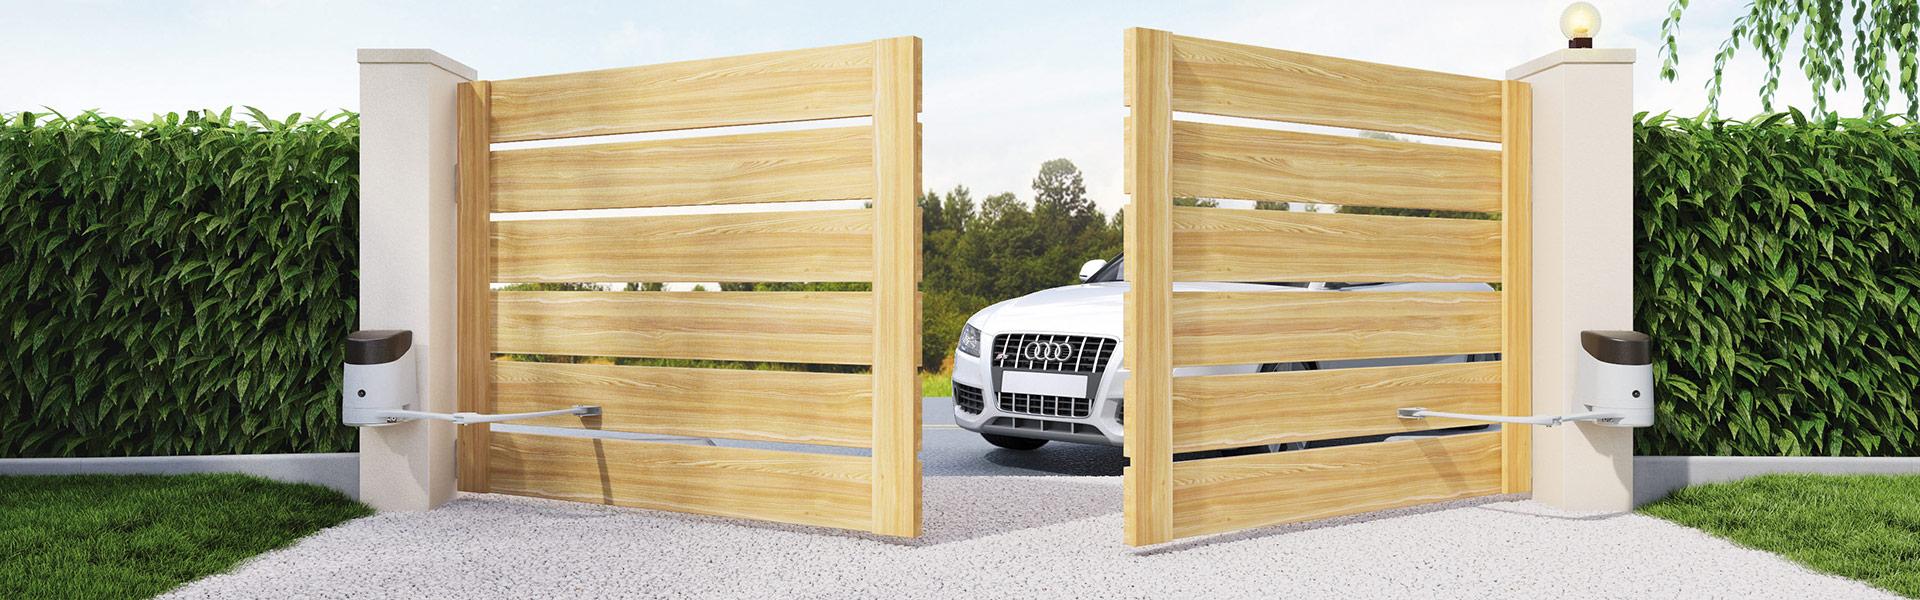 Надёжные и практичные ворота для вашего дома